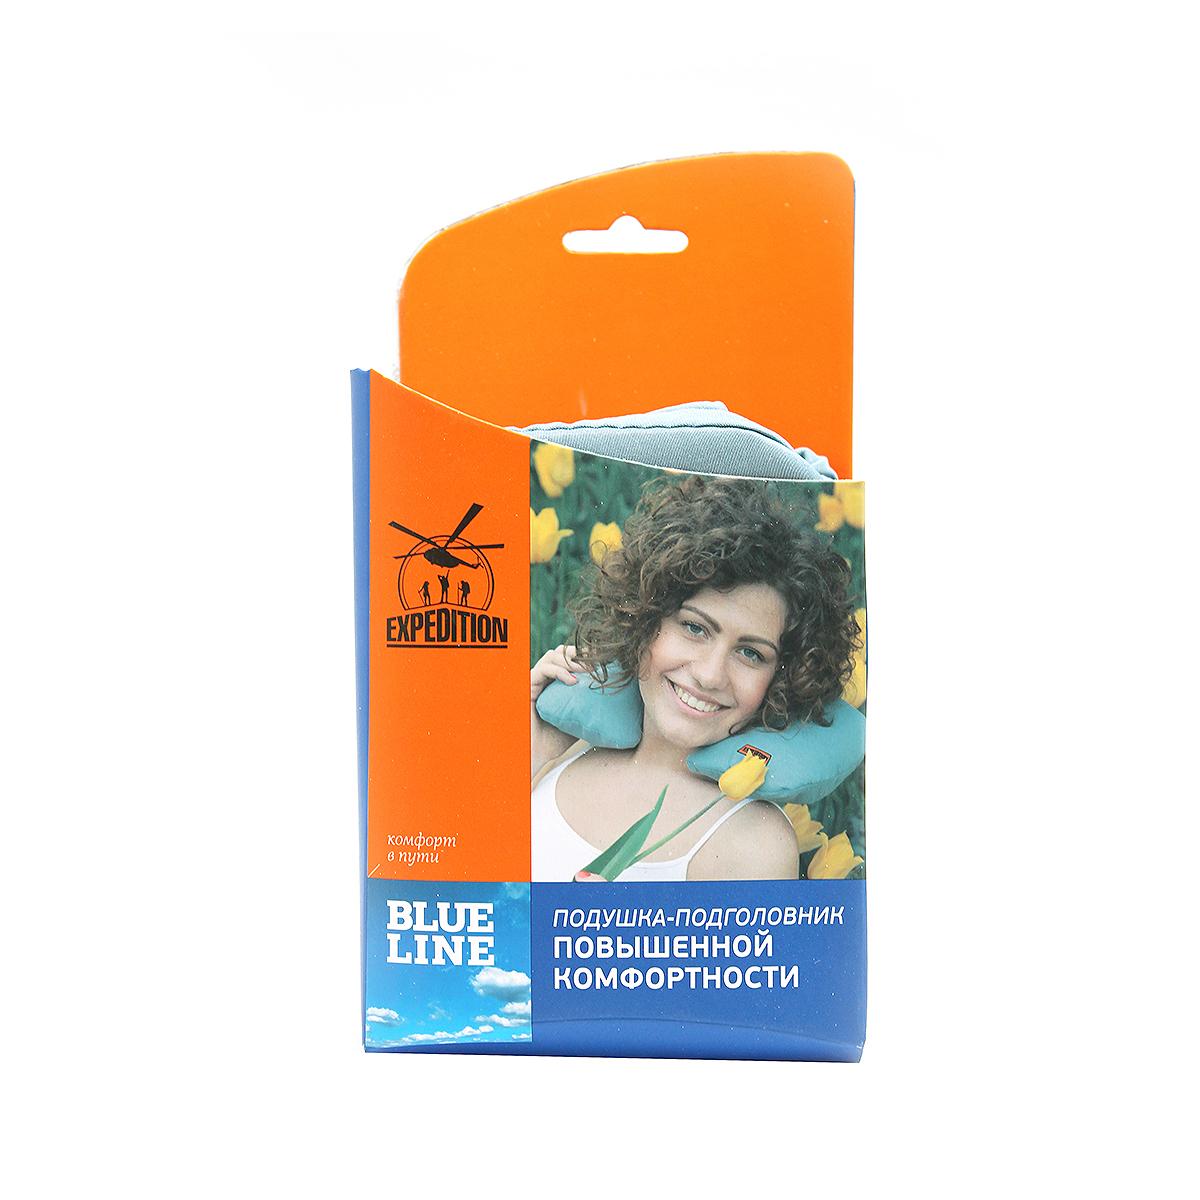 Подушка-подголовник Экспедиция, надувная, с пухом, цвет: голубой экспедиция подушка подголовник time out